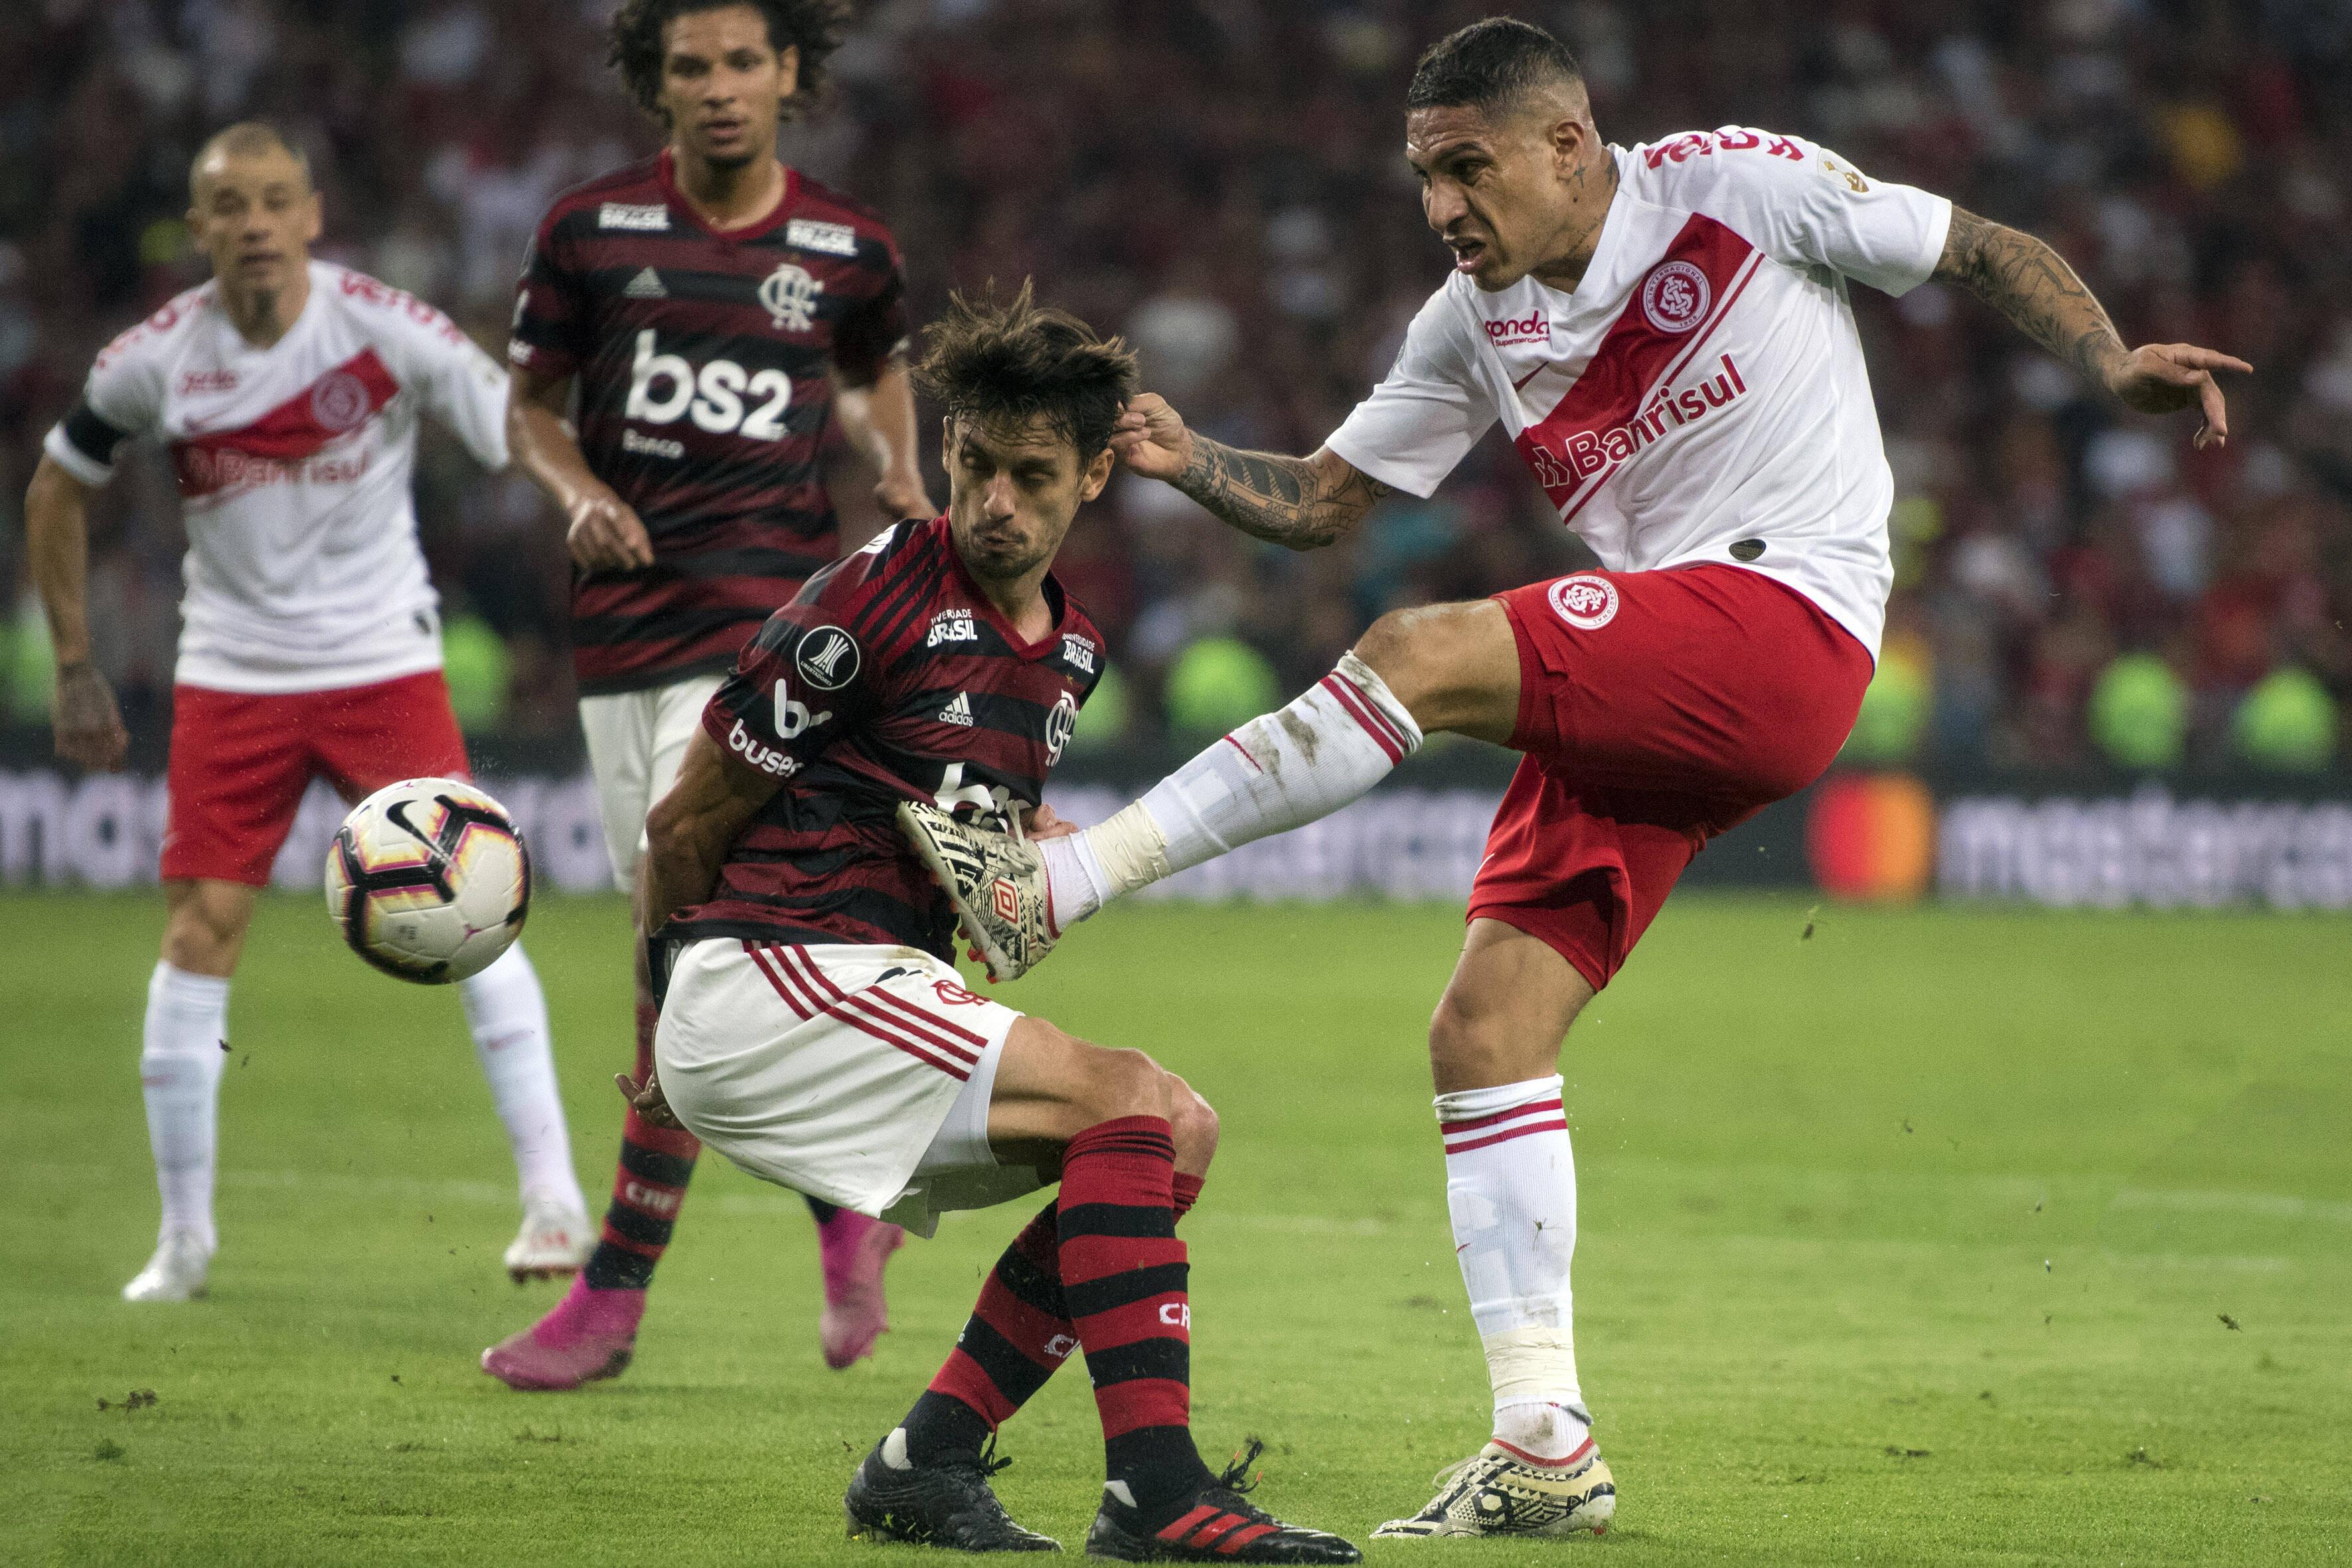 Foto: Delmiro Junior / Photo Premium / Agencia O Globo